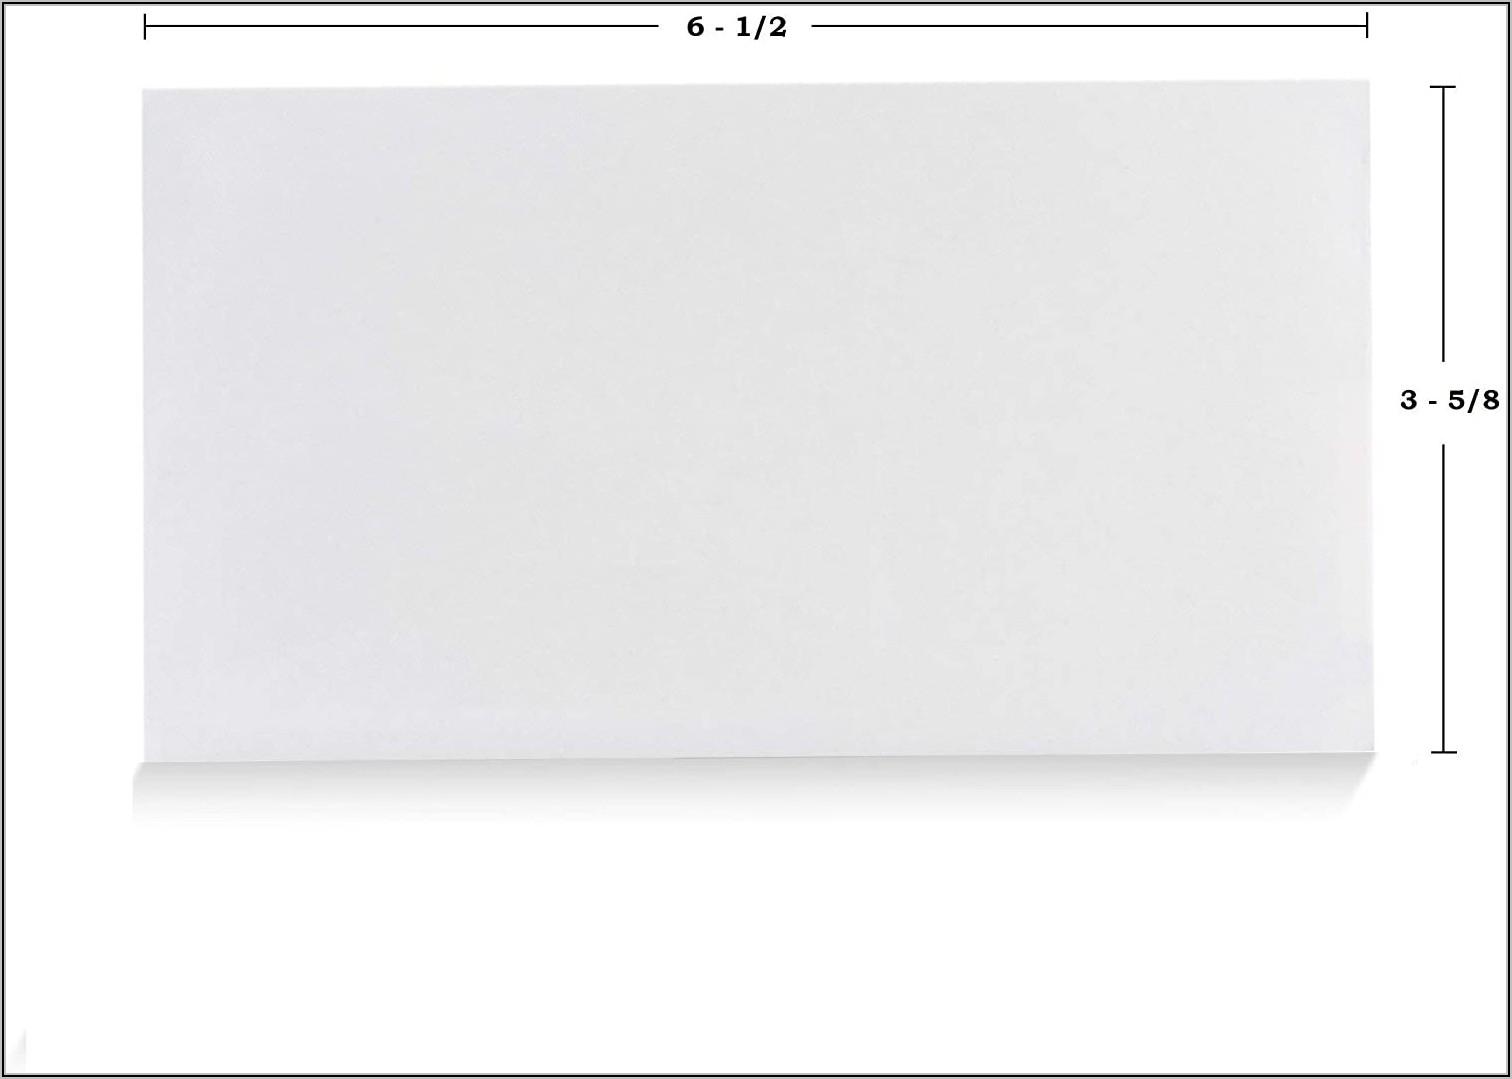 3 58 X 6 12 Window Envelopes